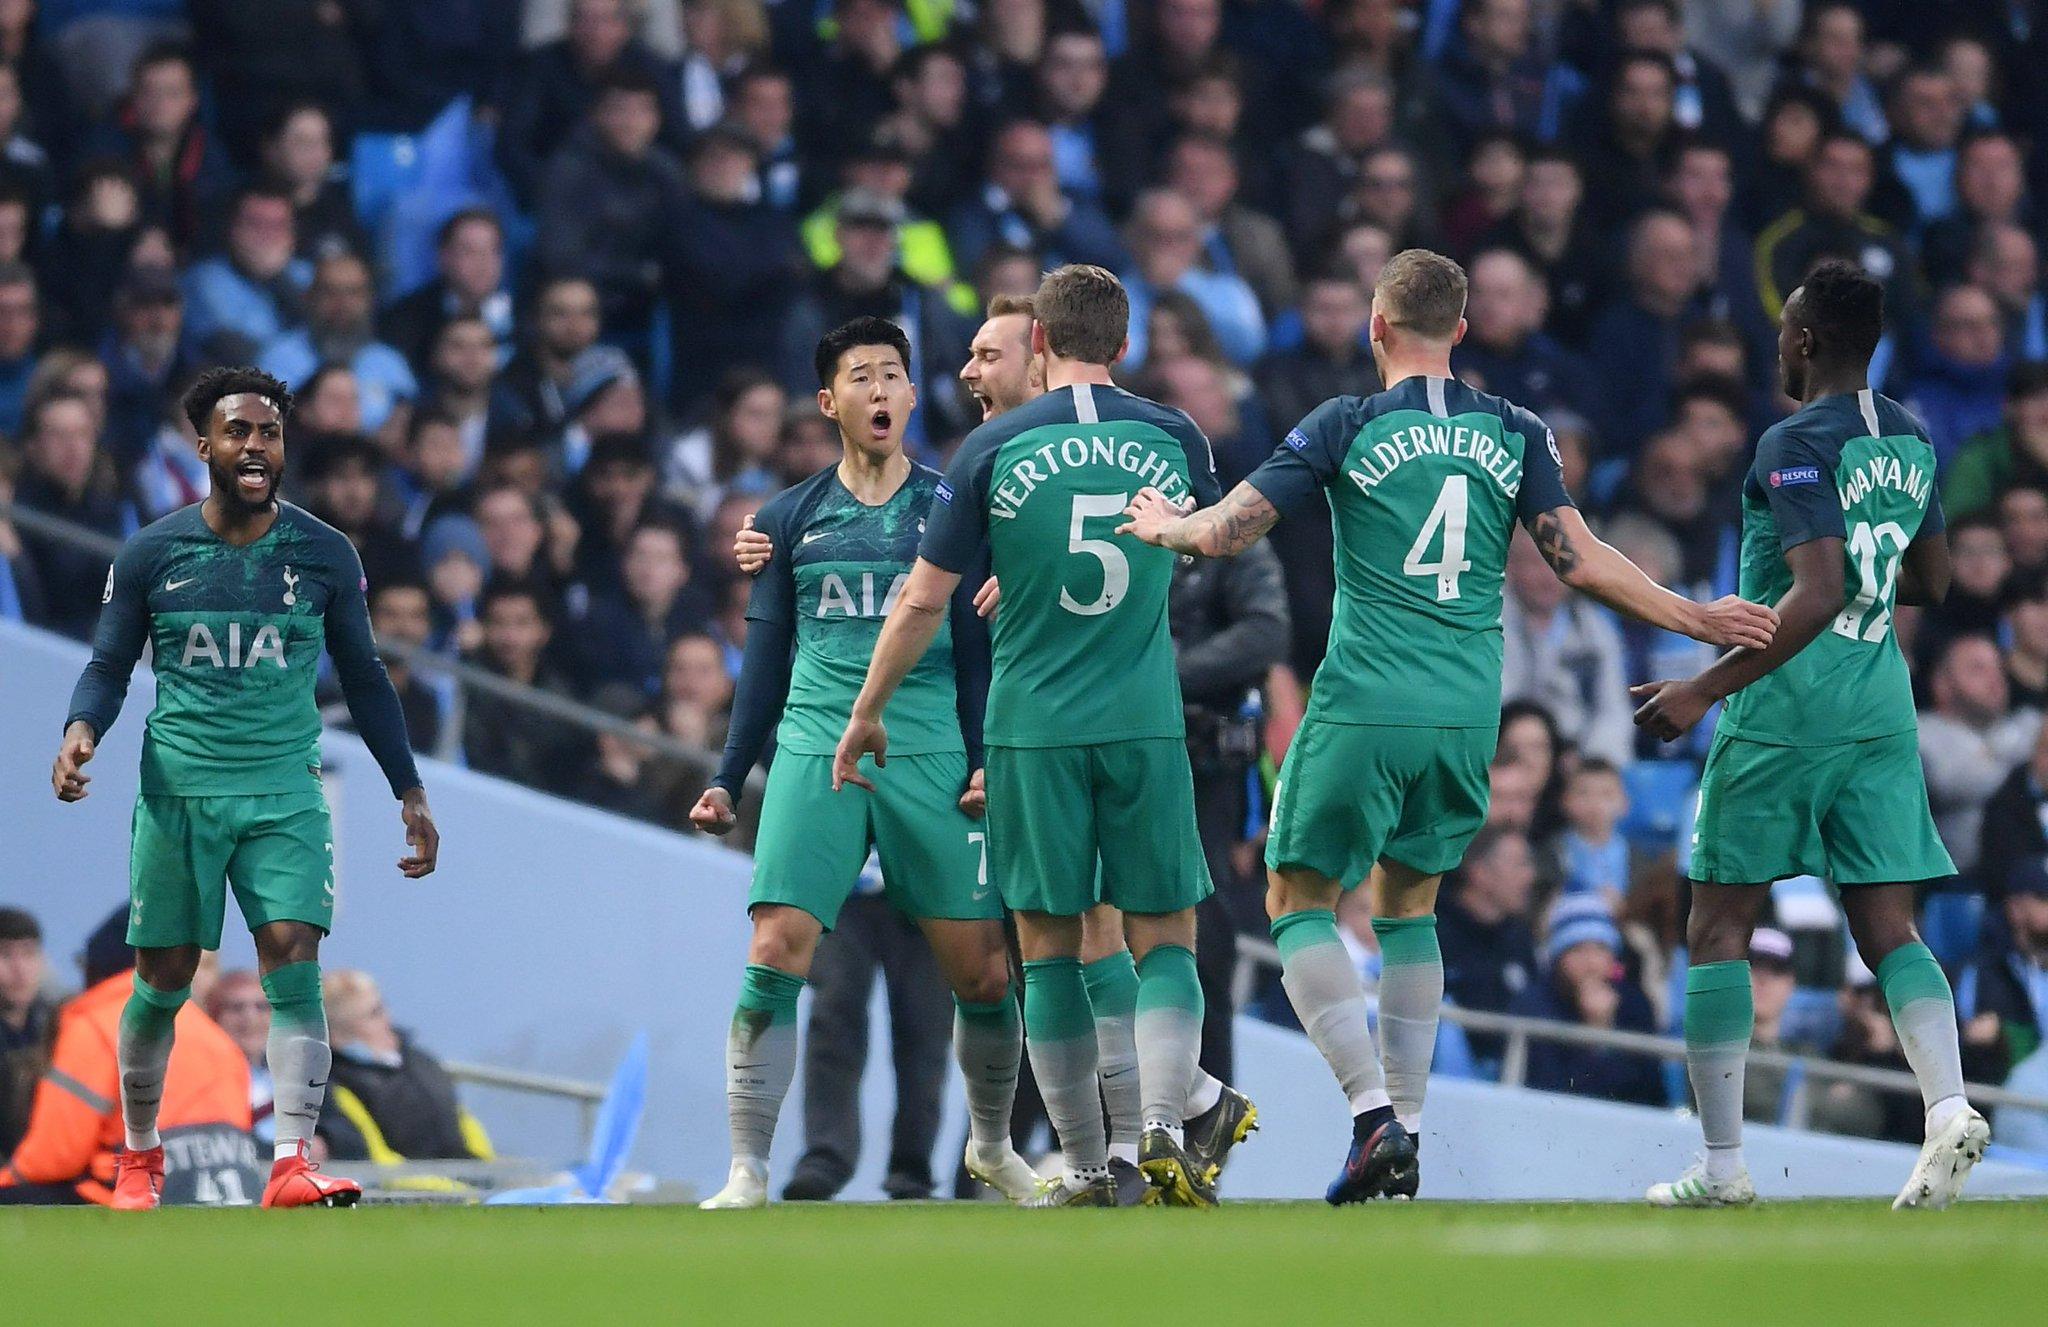 مباراة مانشستر سيتي وتوتنهام تشهد 4 أهداف في أول 10 دقائق فقط !